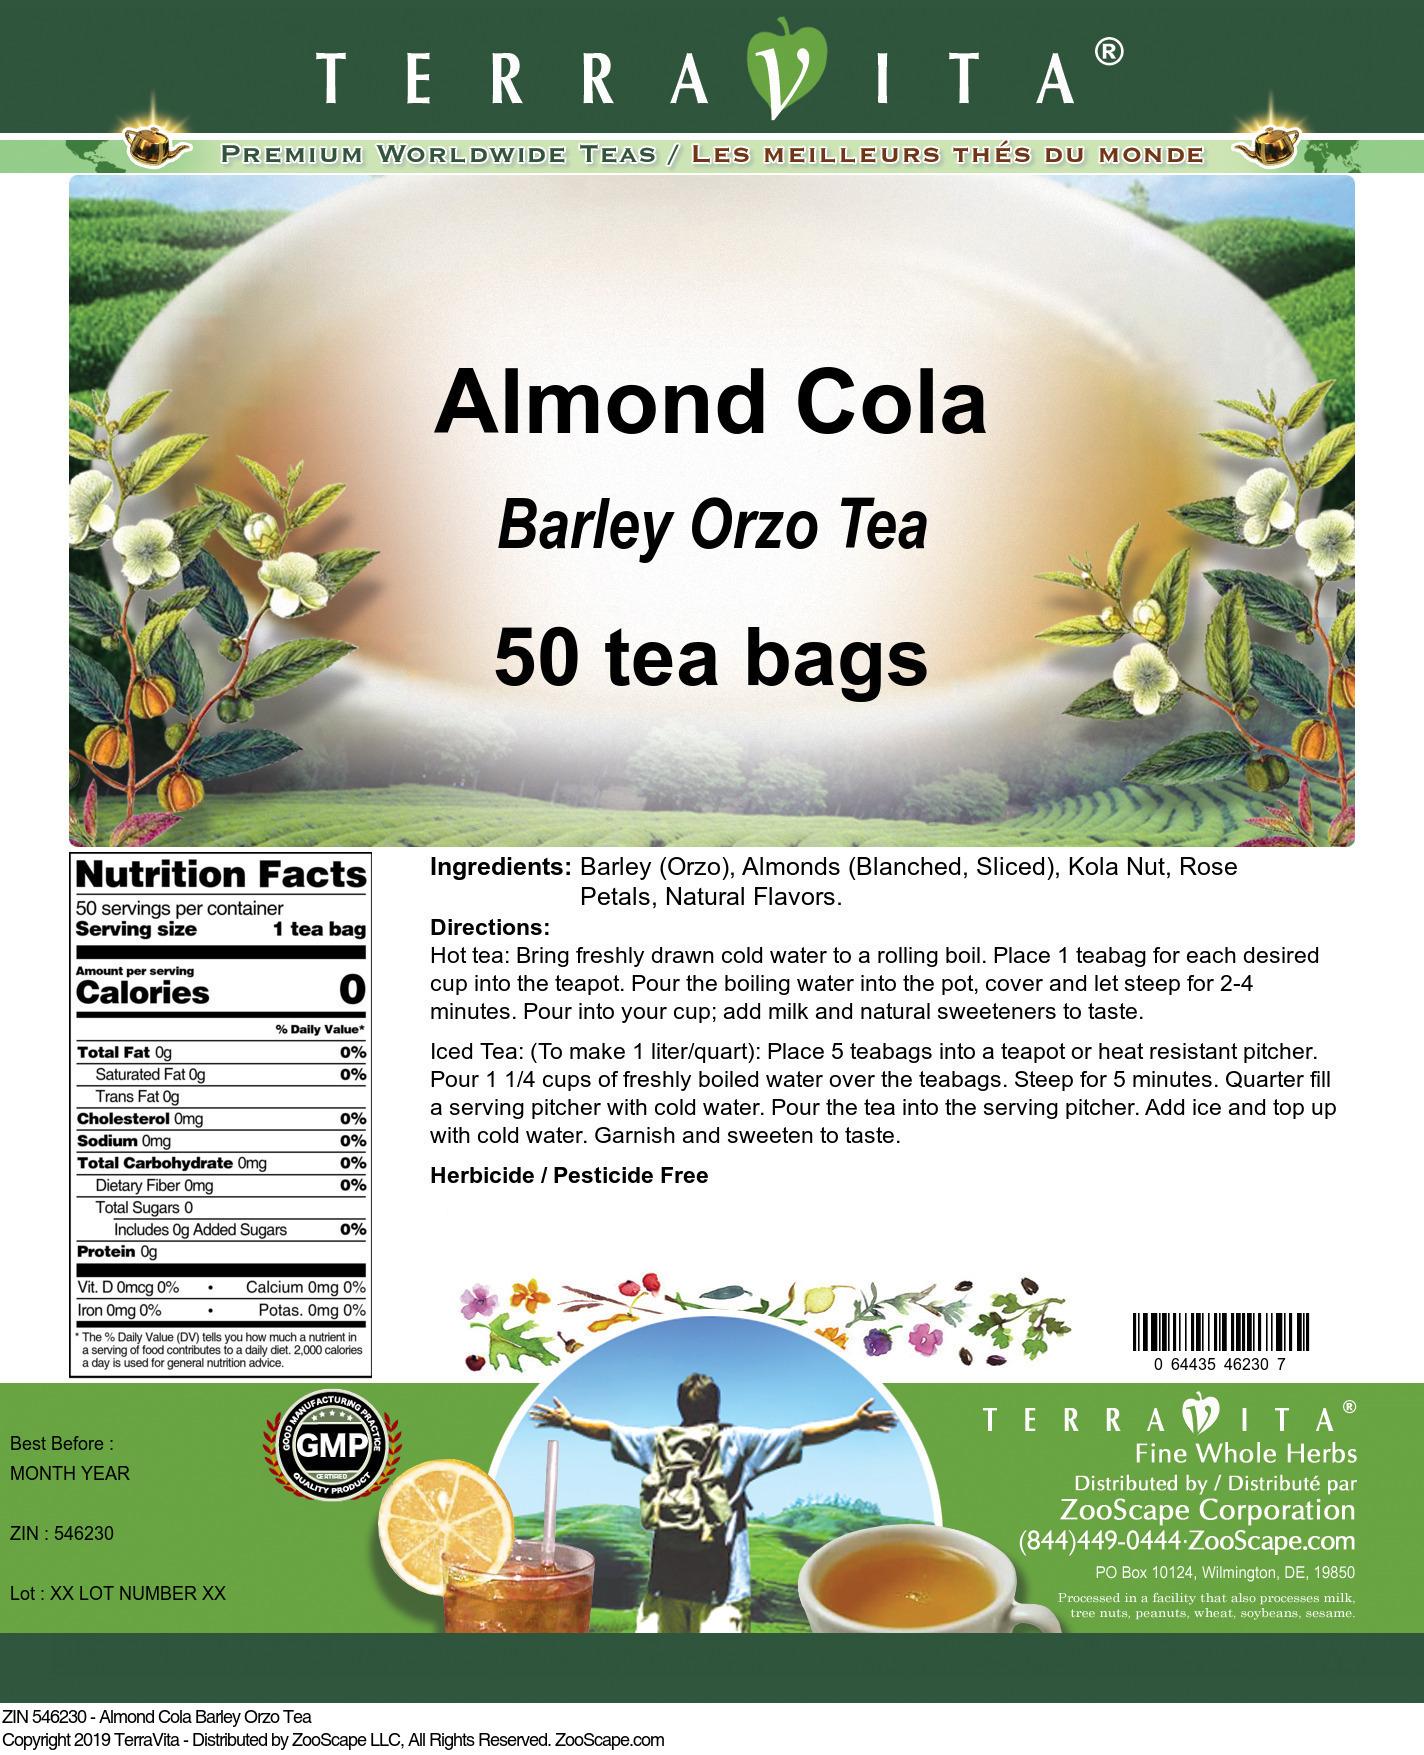 Almond Cola Barley Orzo Tea